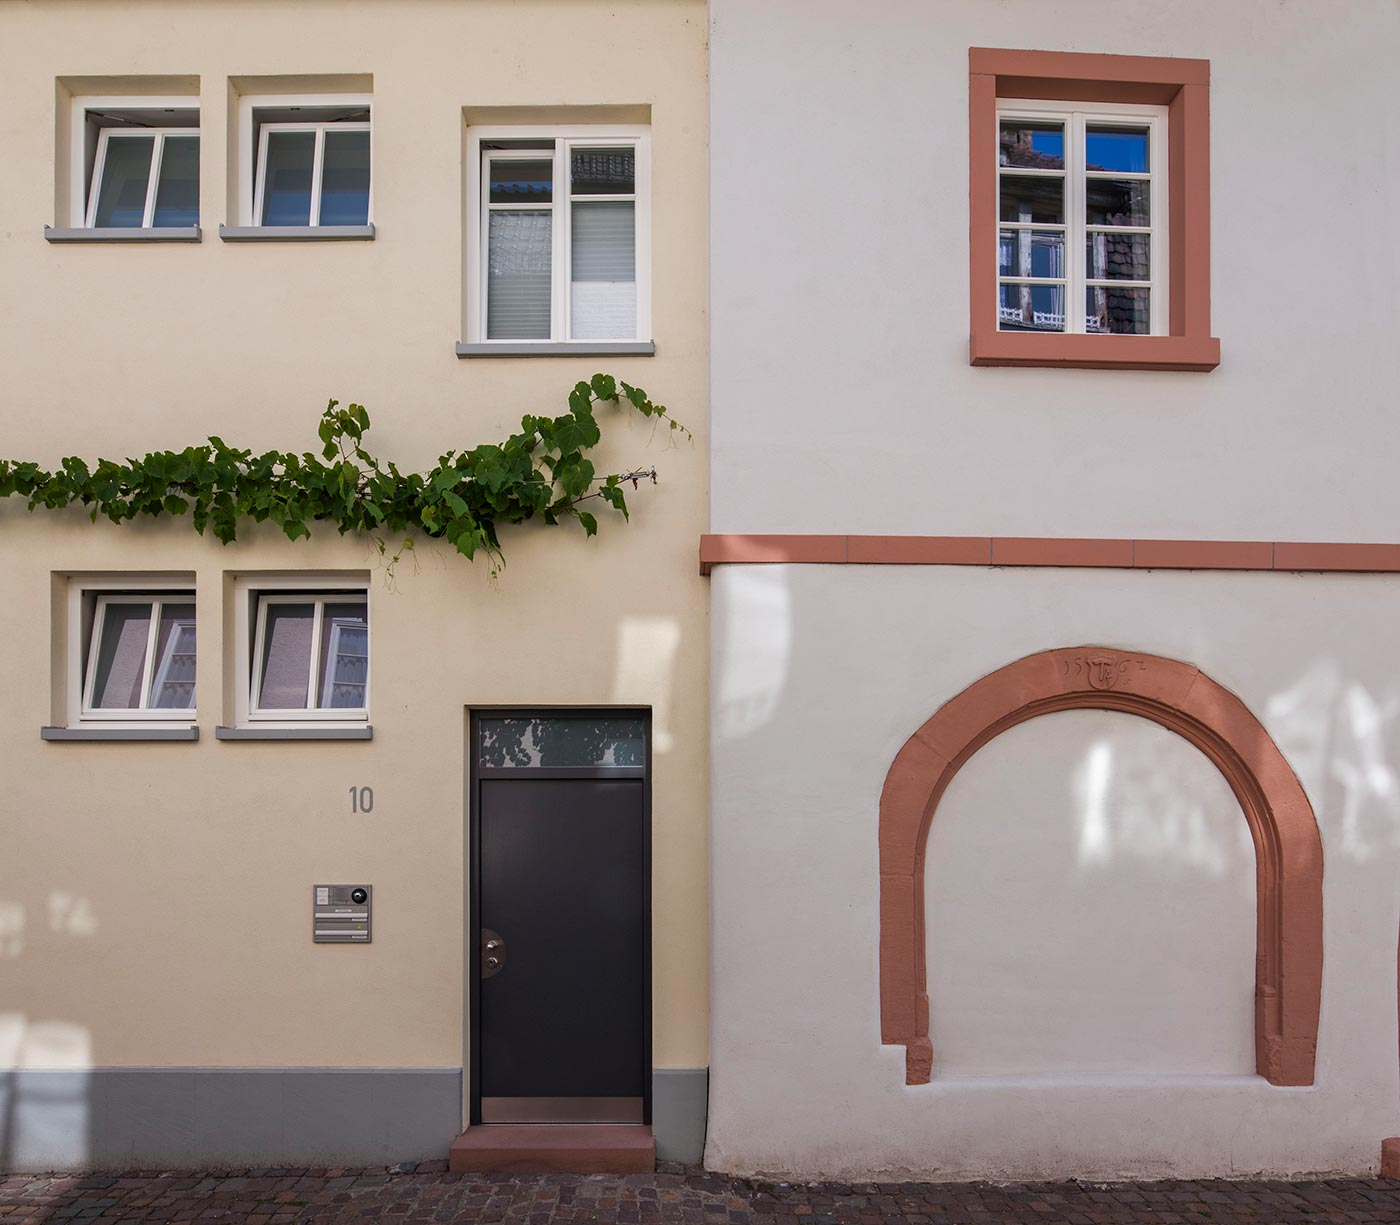 wh-denkmal-neustadt-03